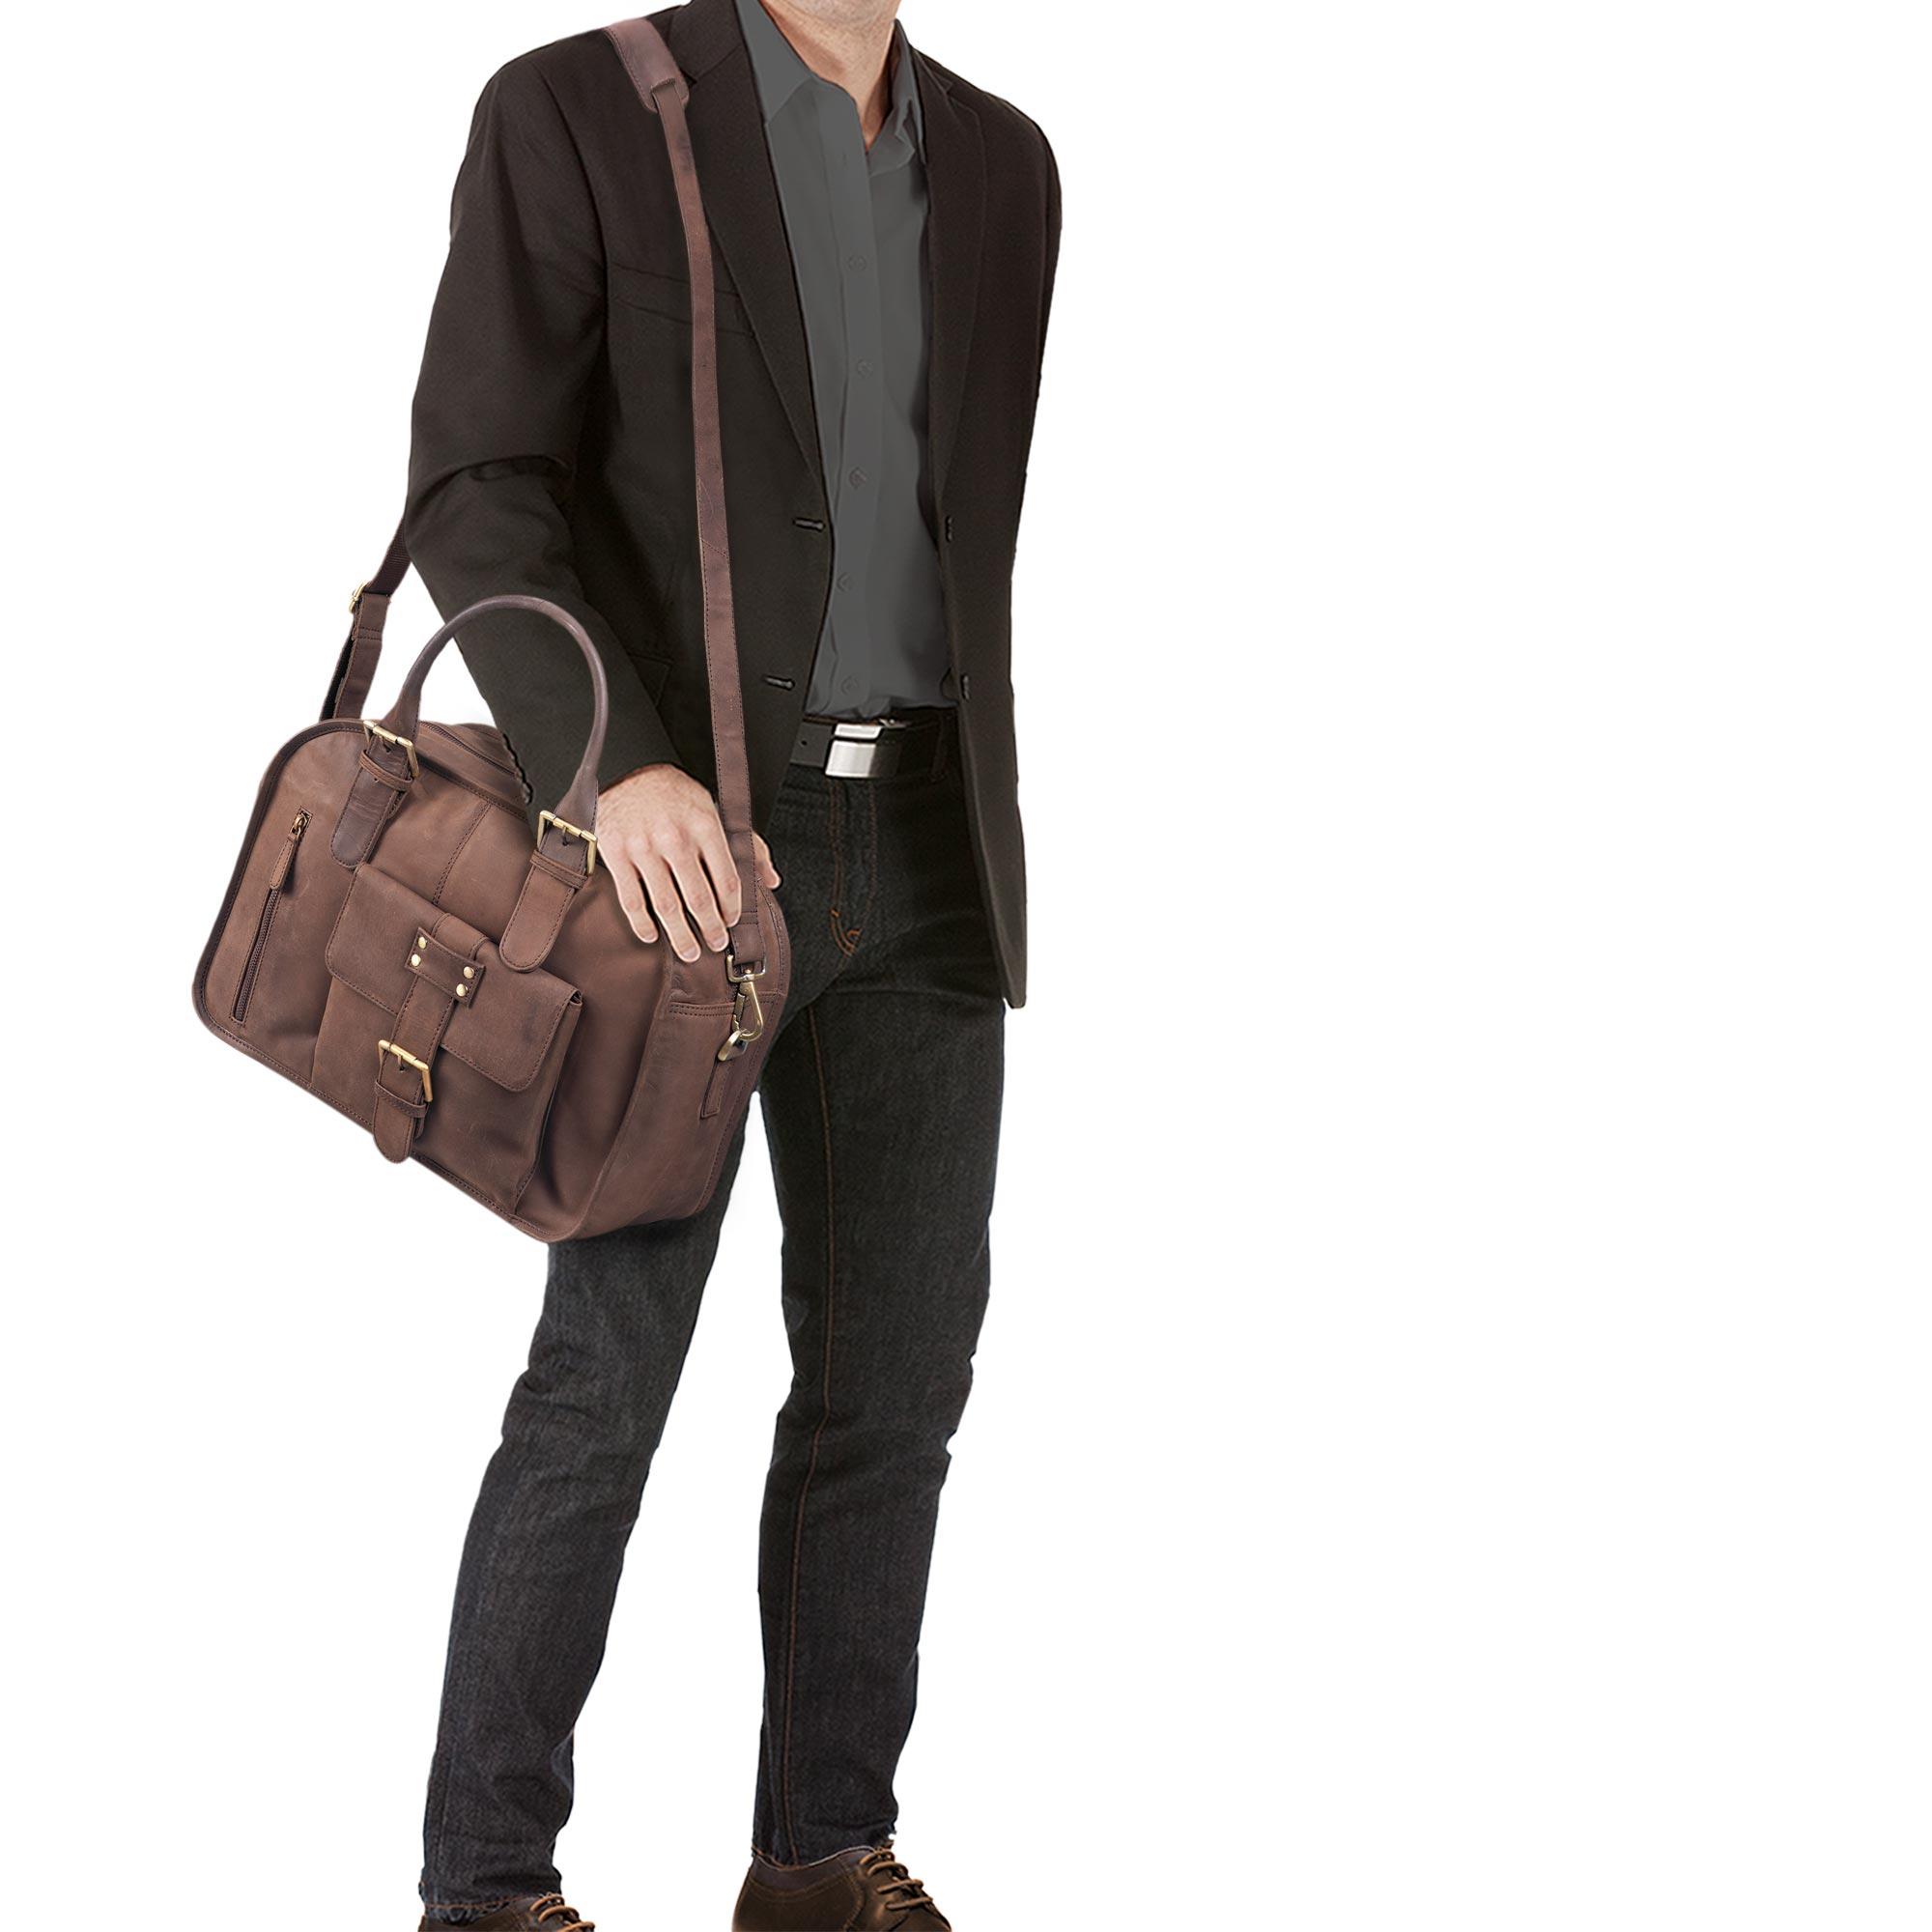 """STILORD """"Dominique"""" Aktentasche Leder Damen Herren Lehrertasche Zwei Aktenordner Business Arbeit Büro Umhängetasche Vintage Leder - Bild 23"""